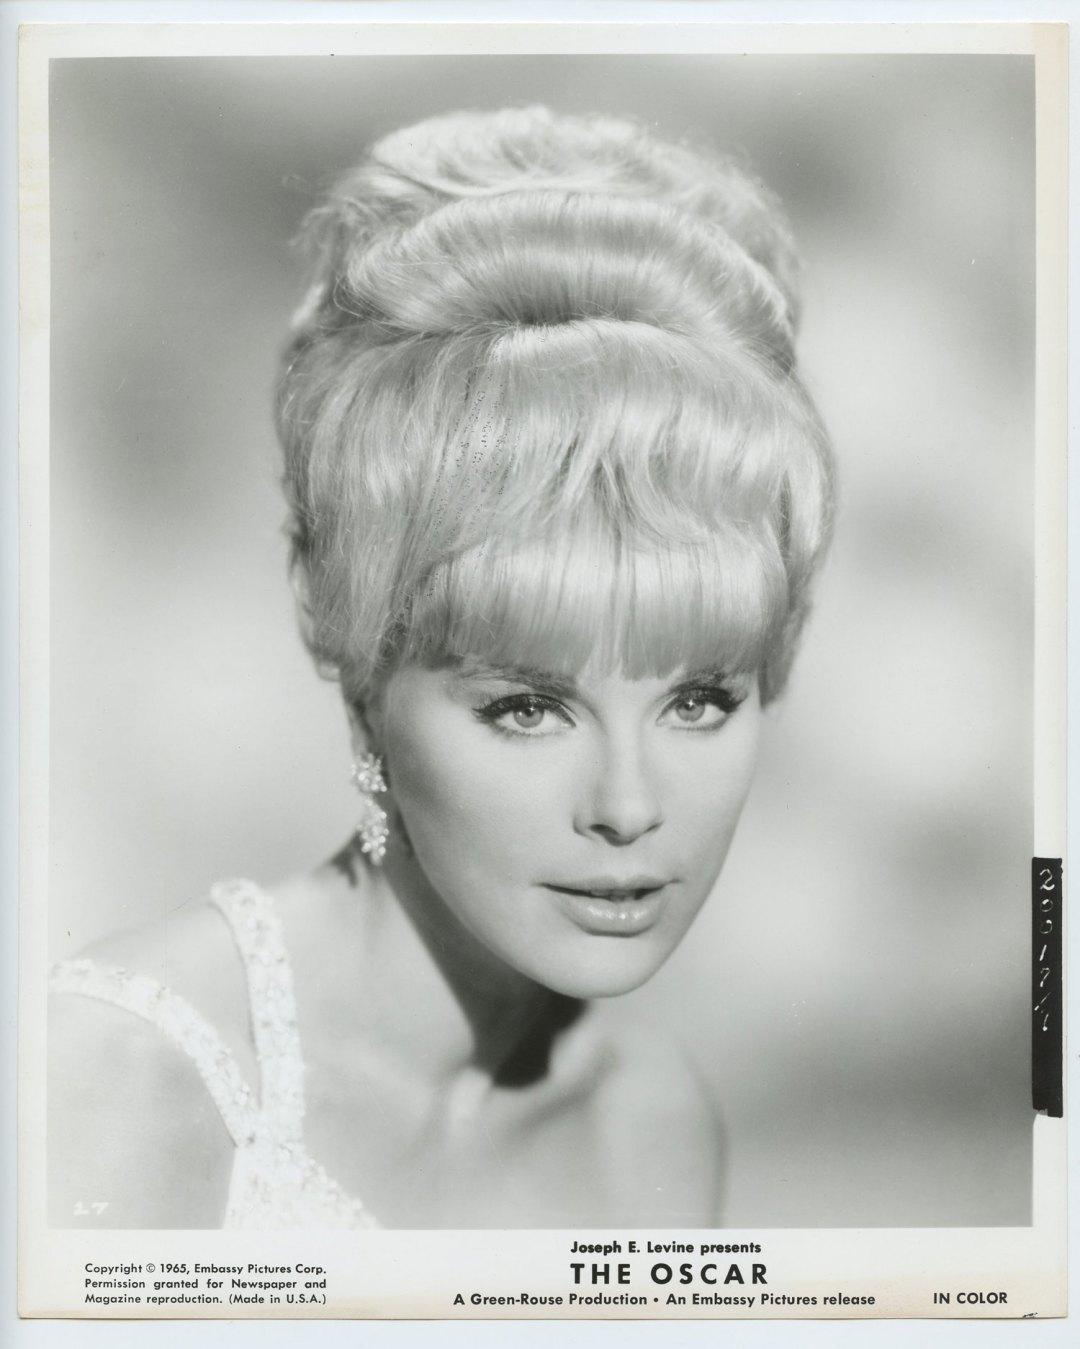 Elke Sommer 1965 The Oscar 8x10 Lobby Card